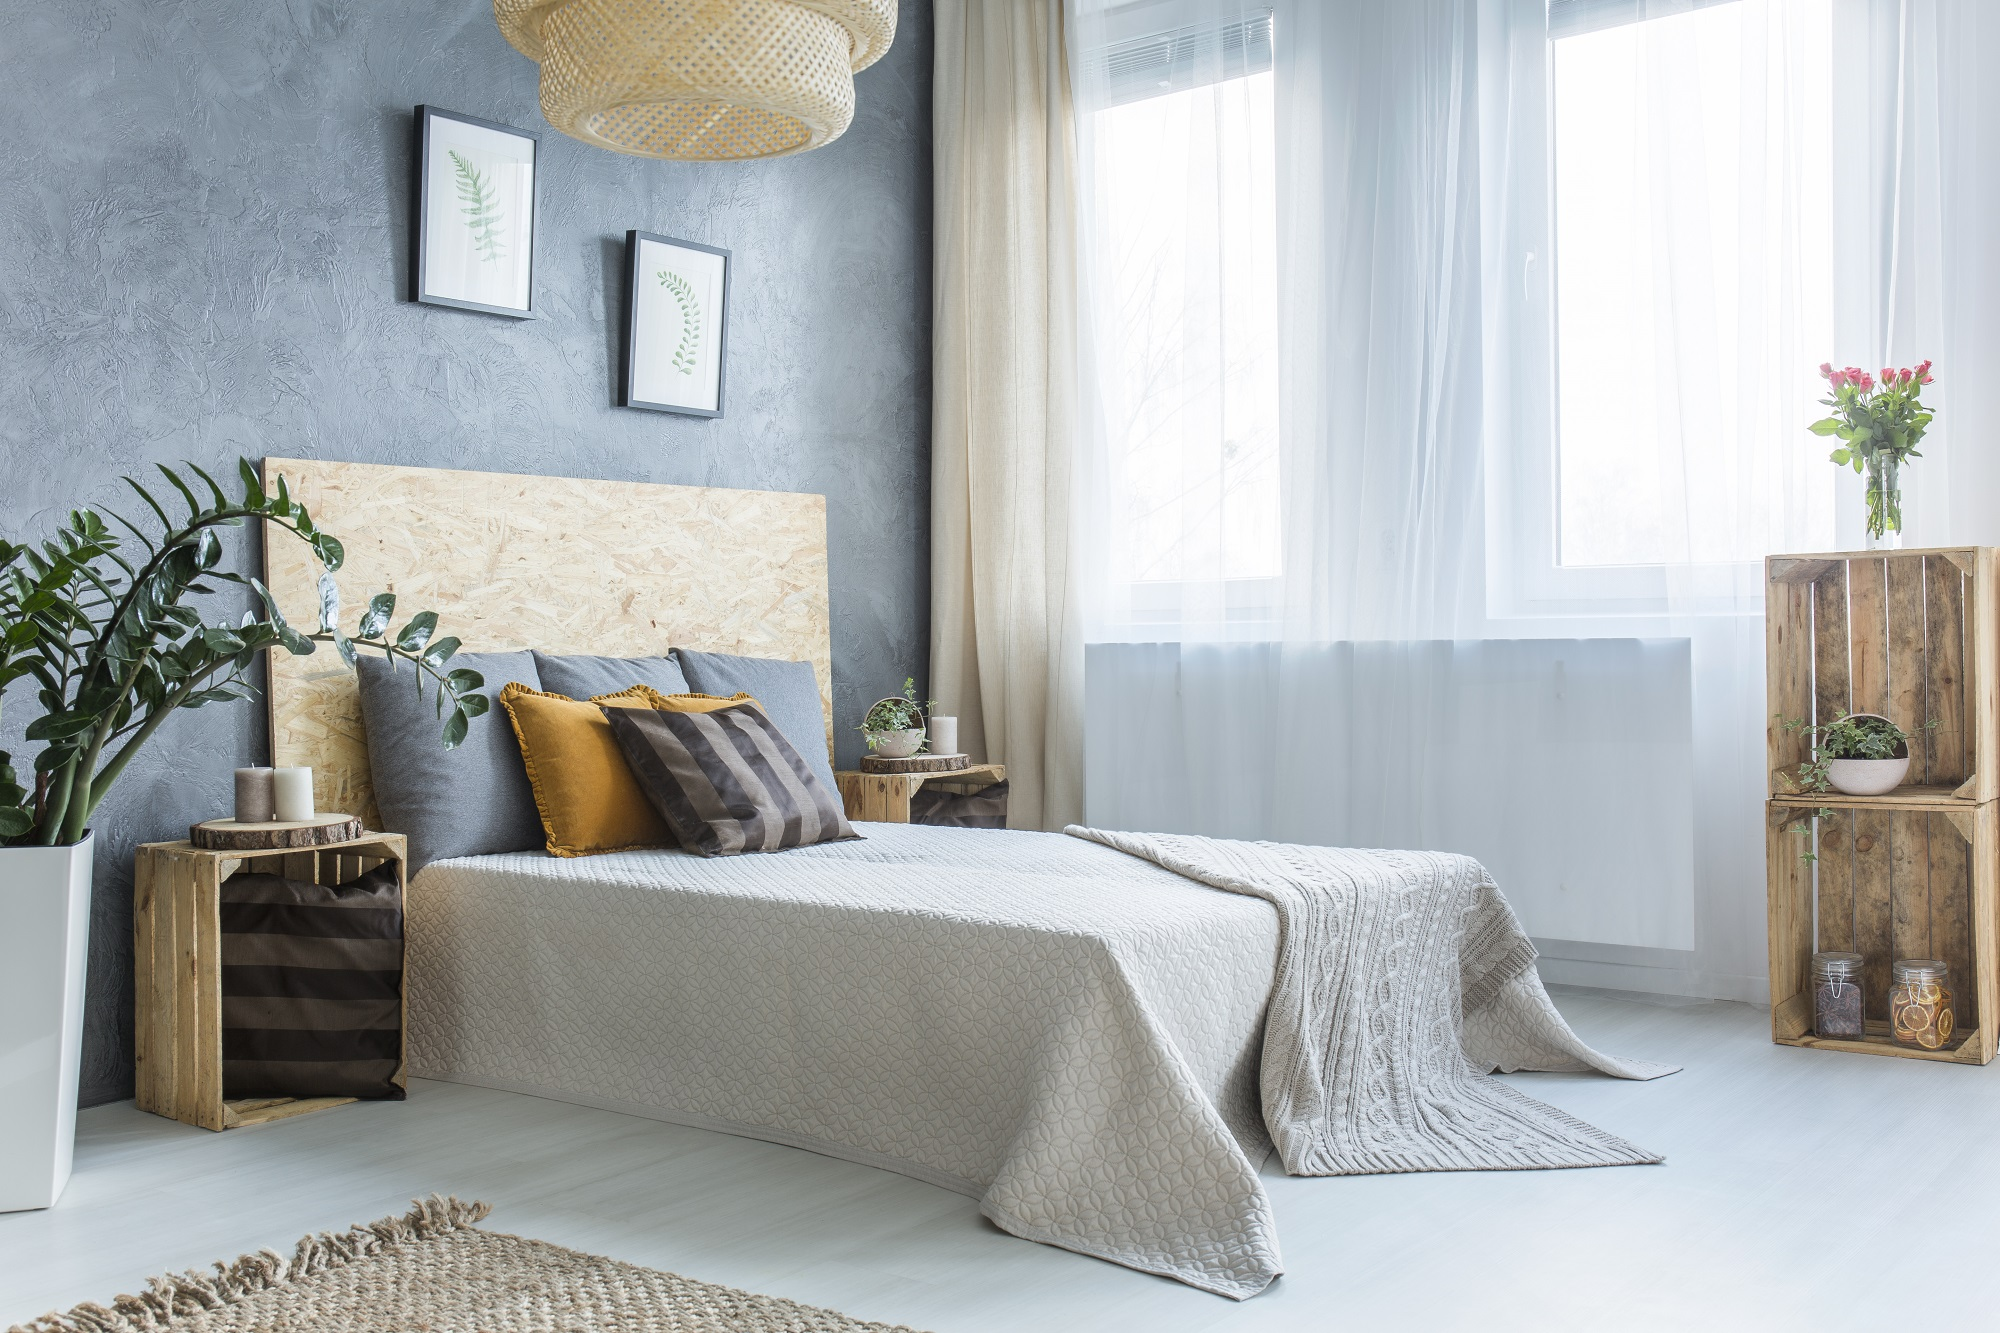 cómo decorar un dormitorio matrimonio en estilo bohemio, cortinas de diseño, paredes en gris y plantas verdes